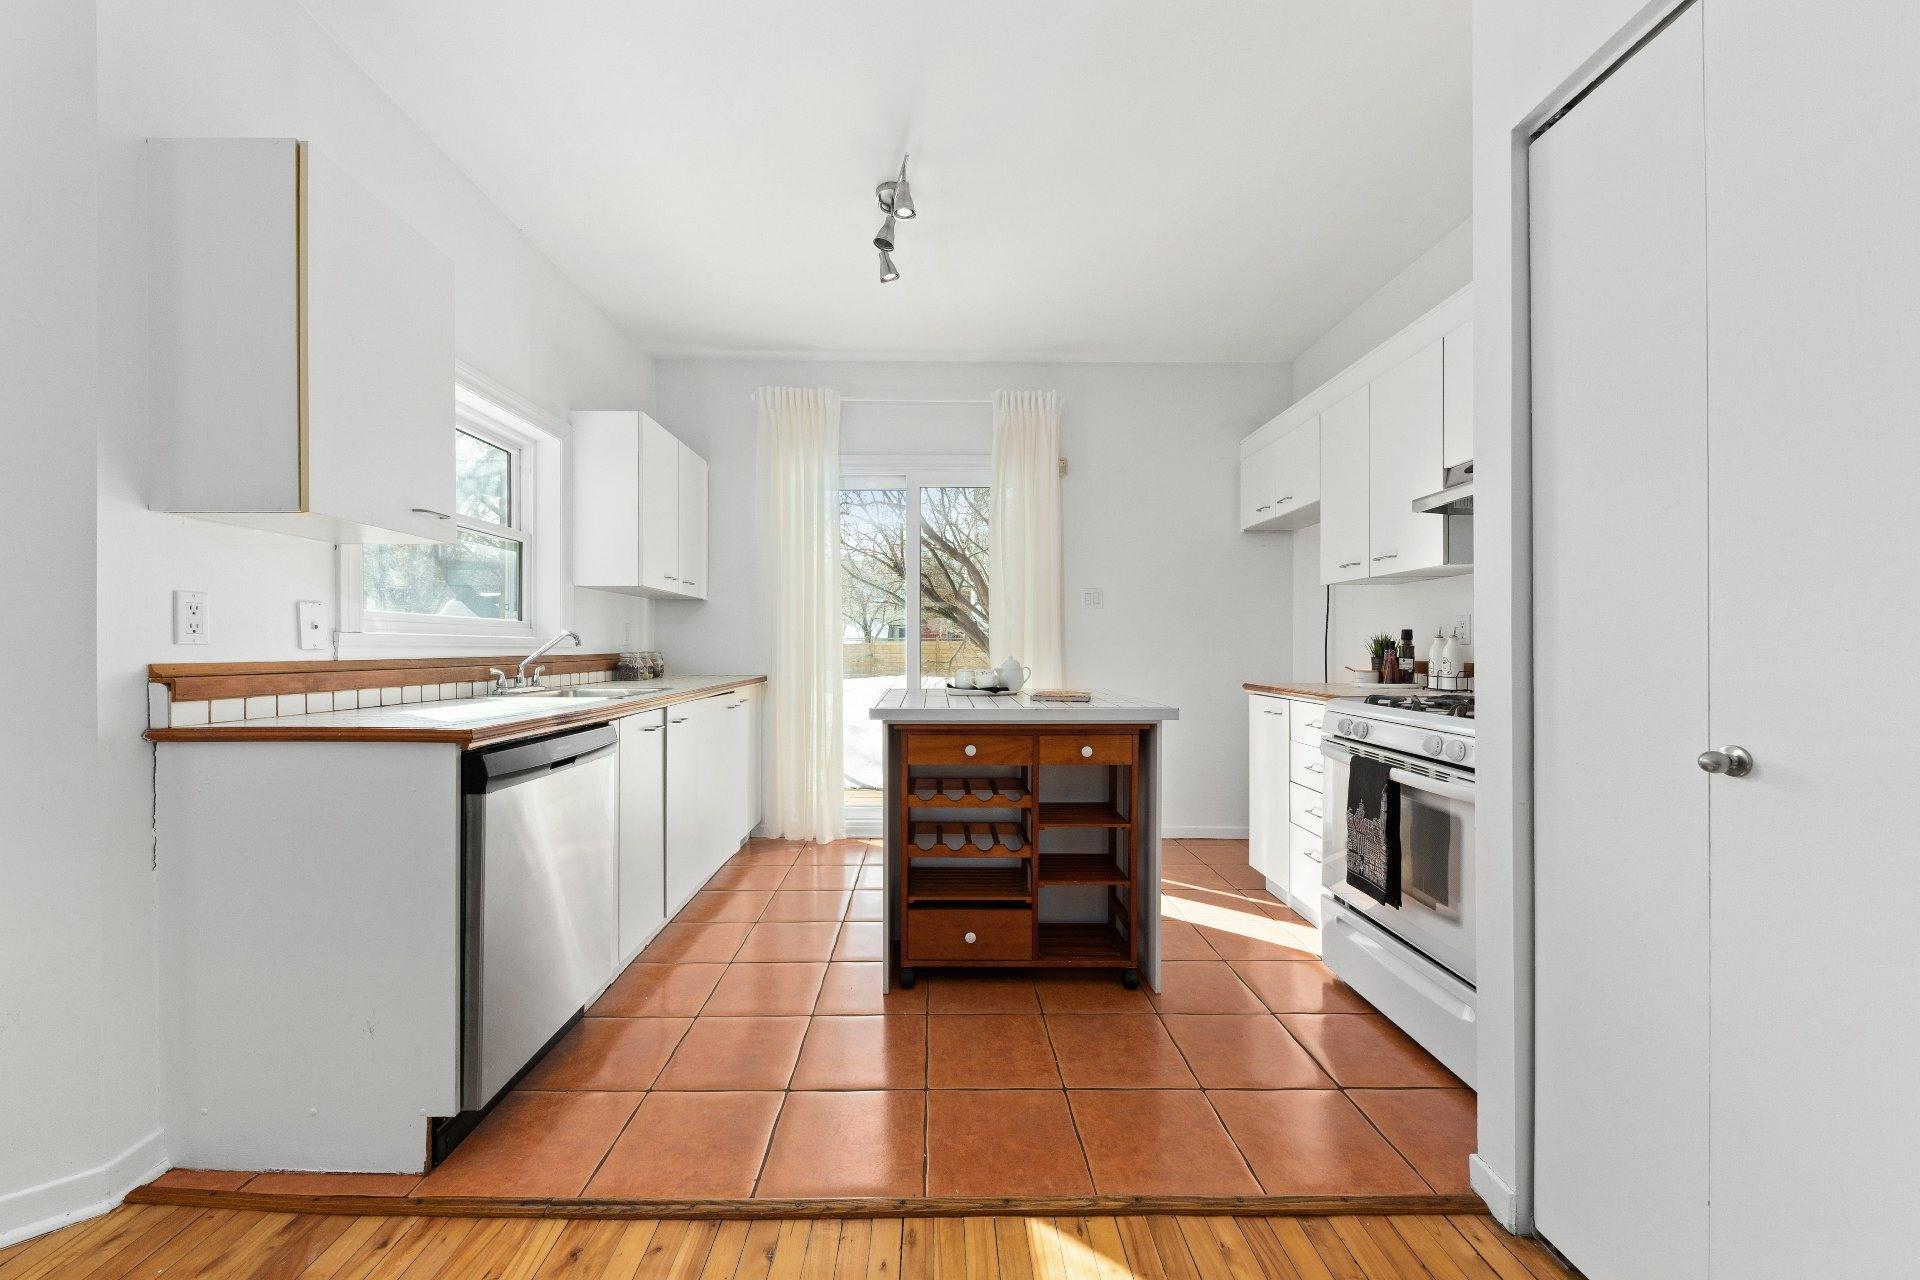 image 11 - Duplex À vendre Le Plateau-Mont-Royal Montréal  - 5 pièces